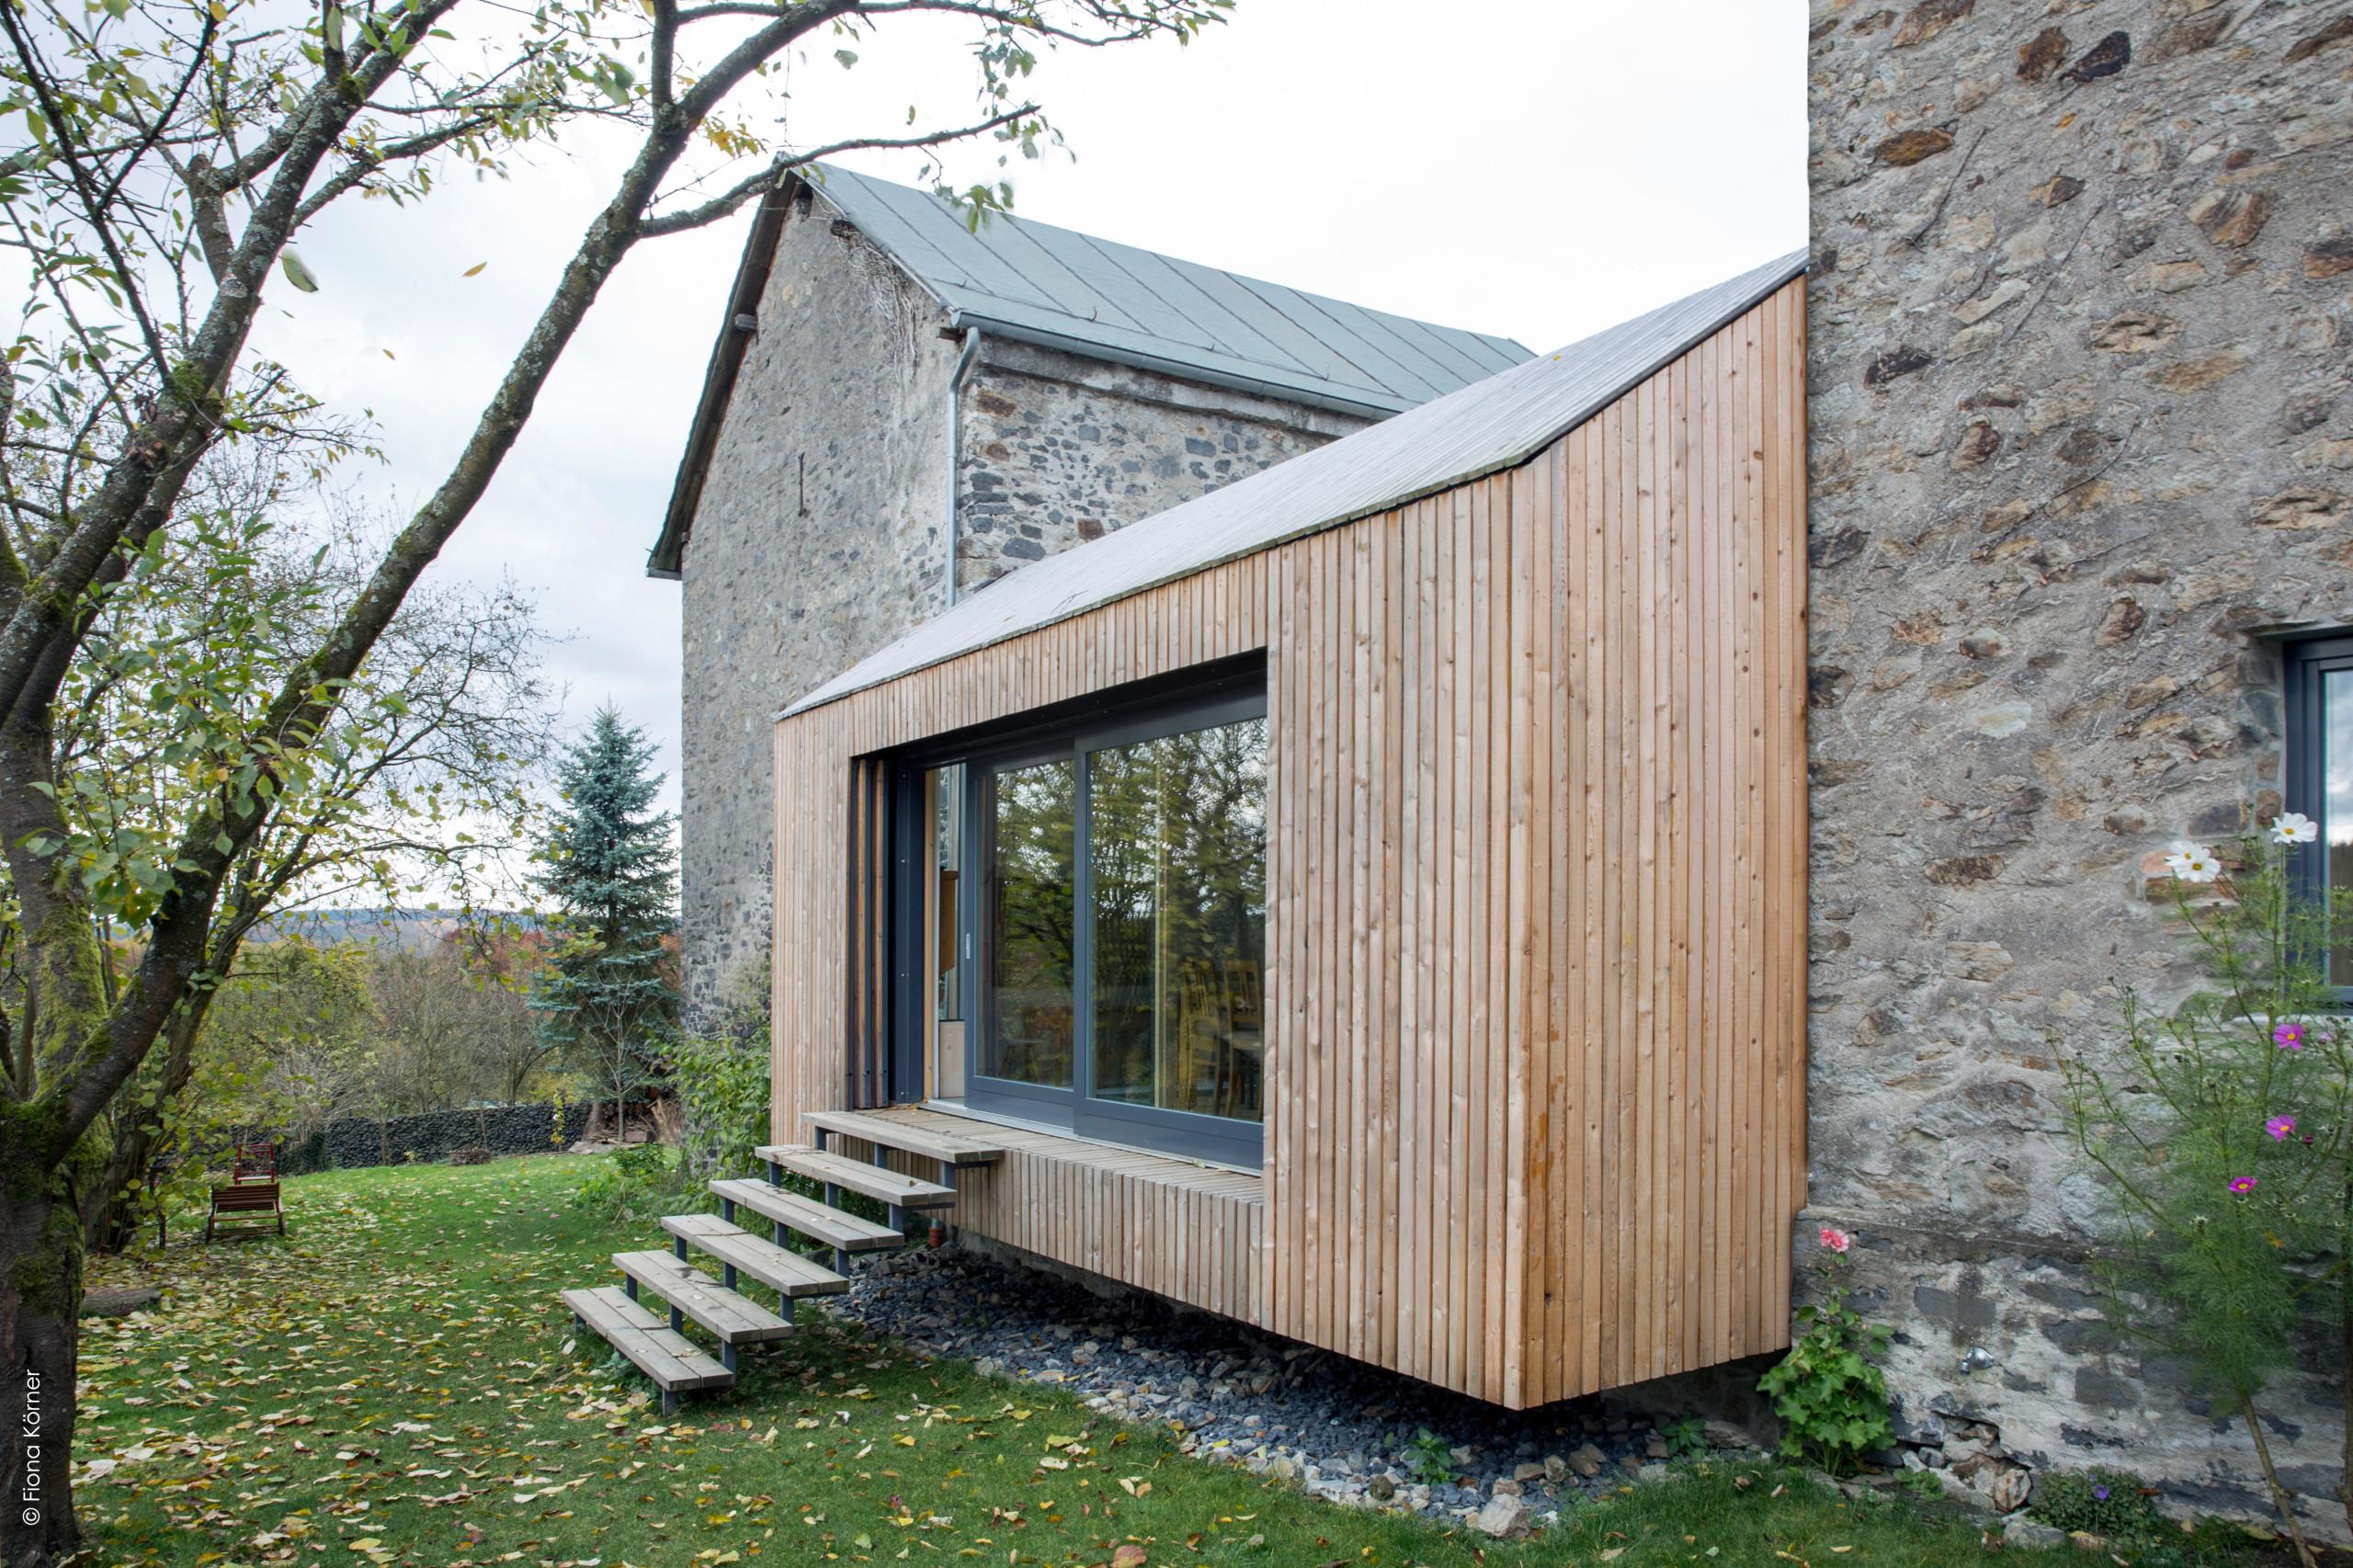 Nachhaltiger Umbau eines 20 Jahre alten Bruchsteinhauses